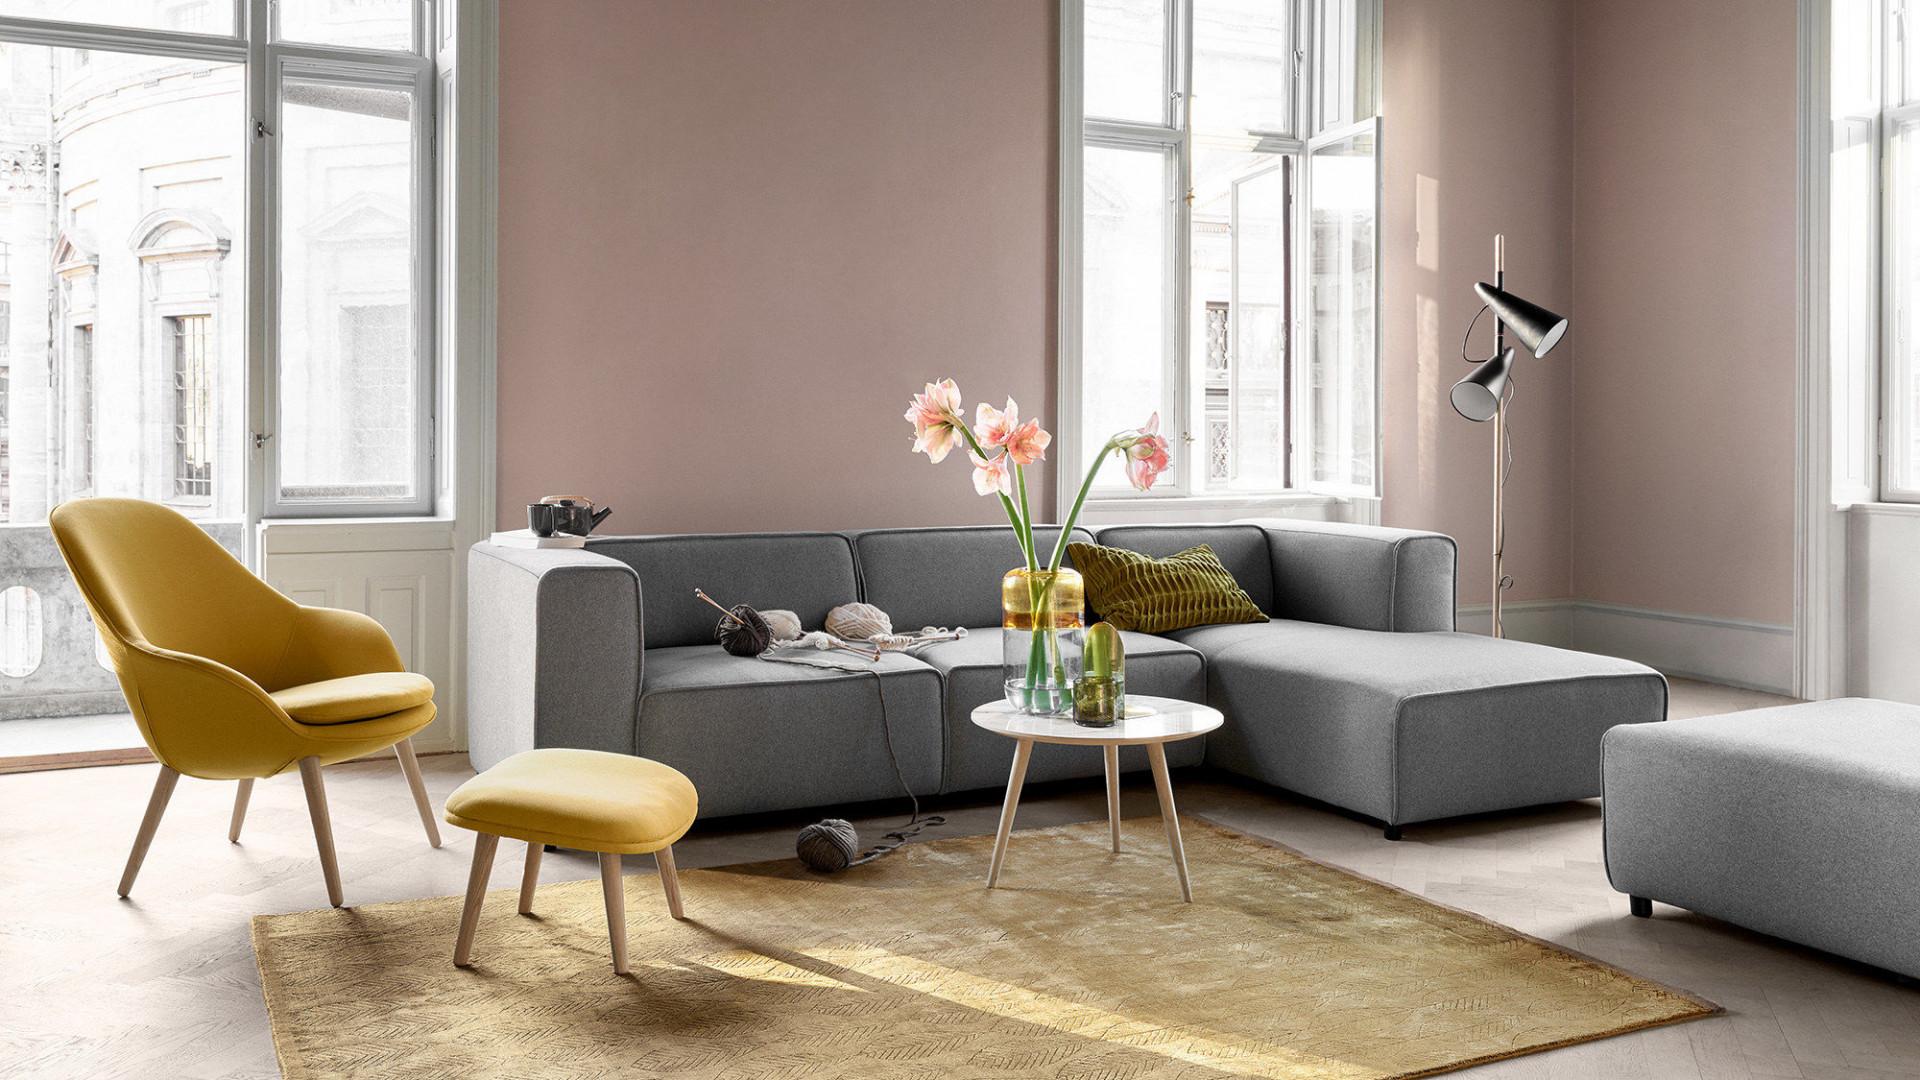 идеальное дополнение гостиной в стиле hygge